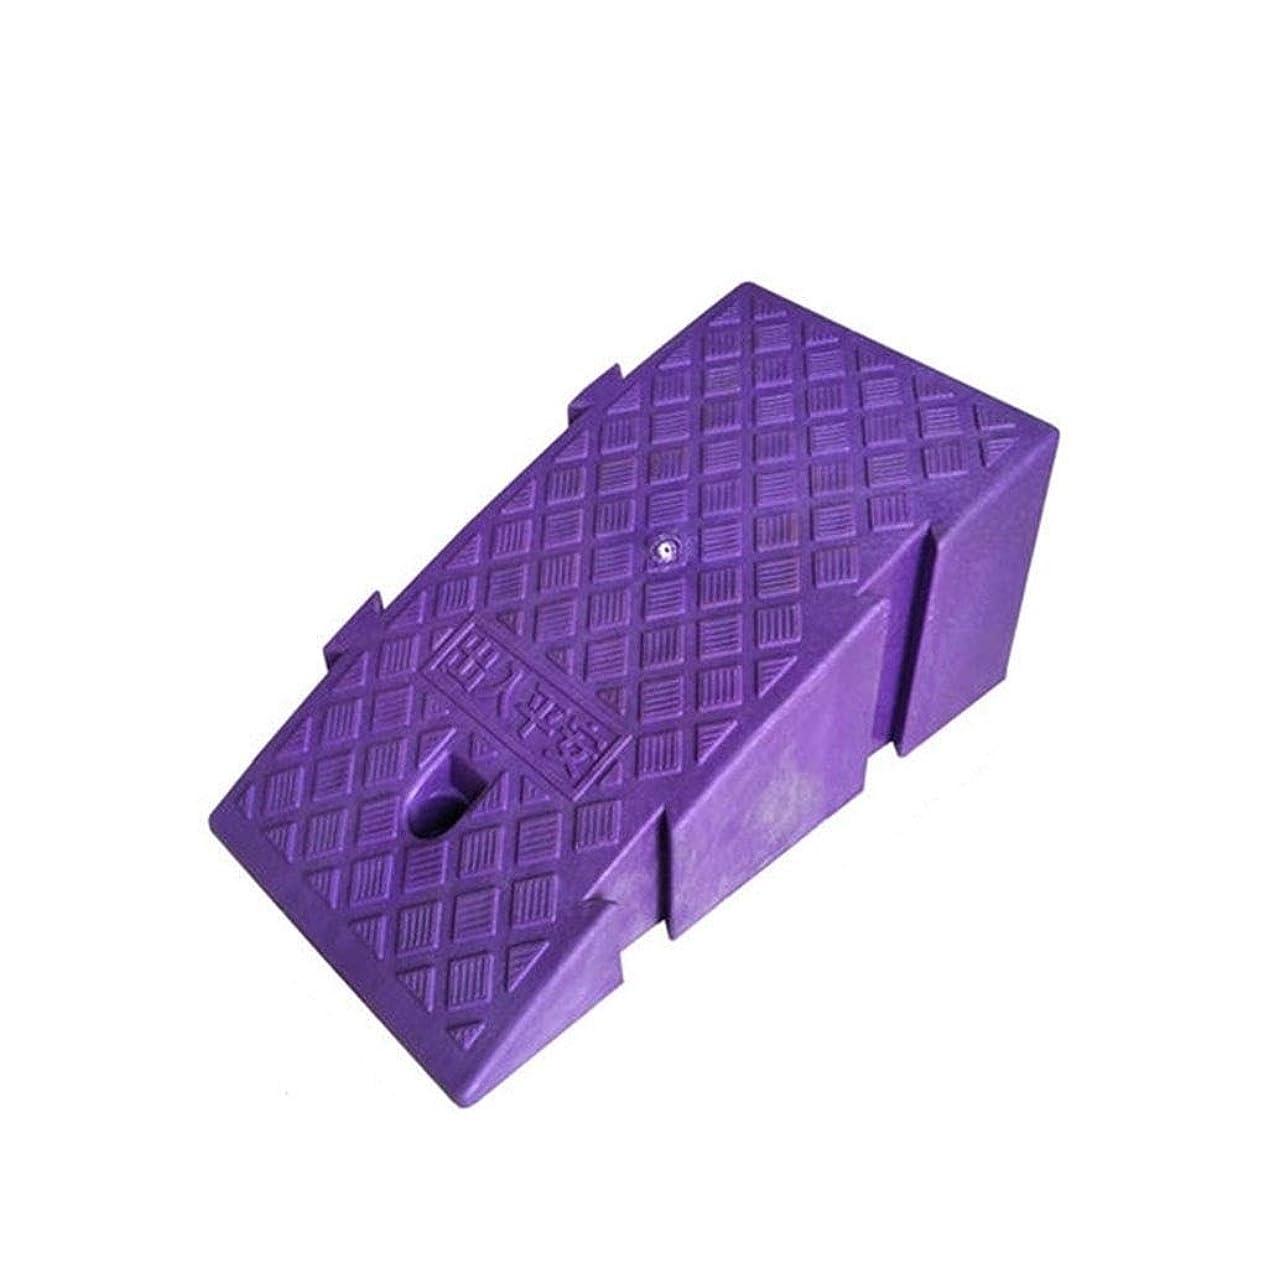 分類真っ逆さまダブルオートバイのスロープマット、プラスチックスプライス可能な車椅子傾斜の世帯のステップ傾斜パッドバー駐車場入口サービス傾斜高さ:16CM / 19CM (Color : Purple, Size : 25*40*16CM)